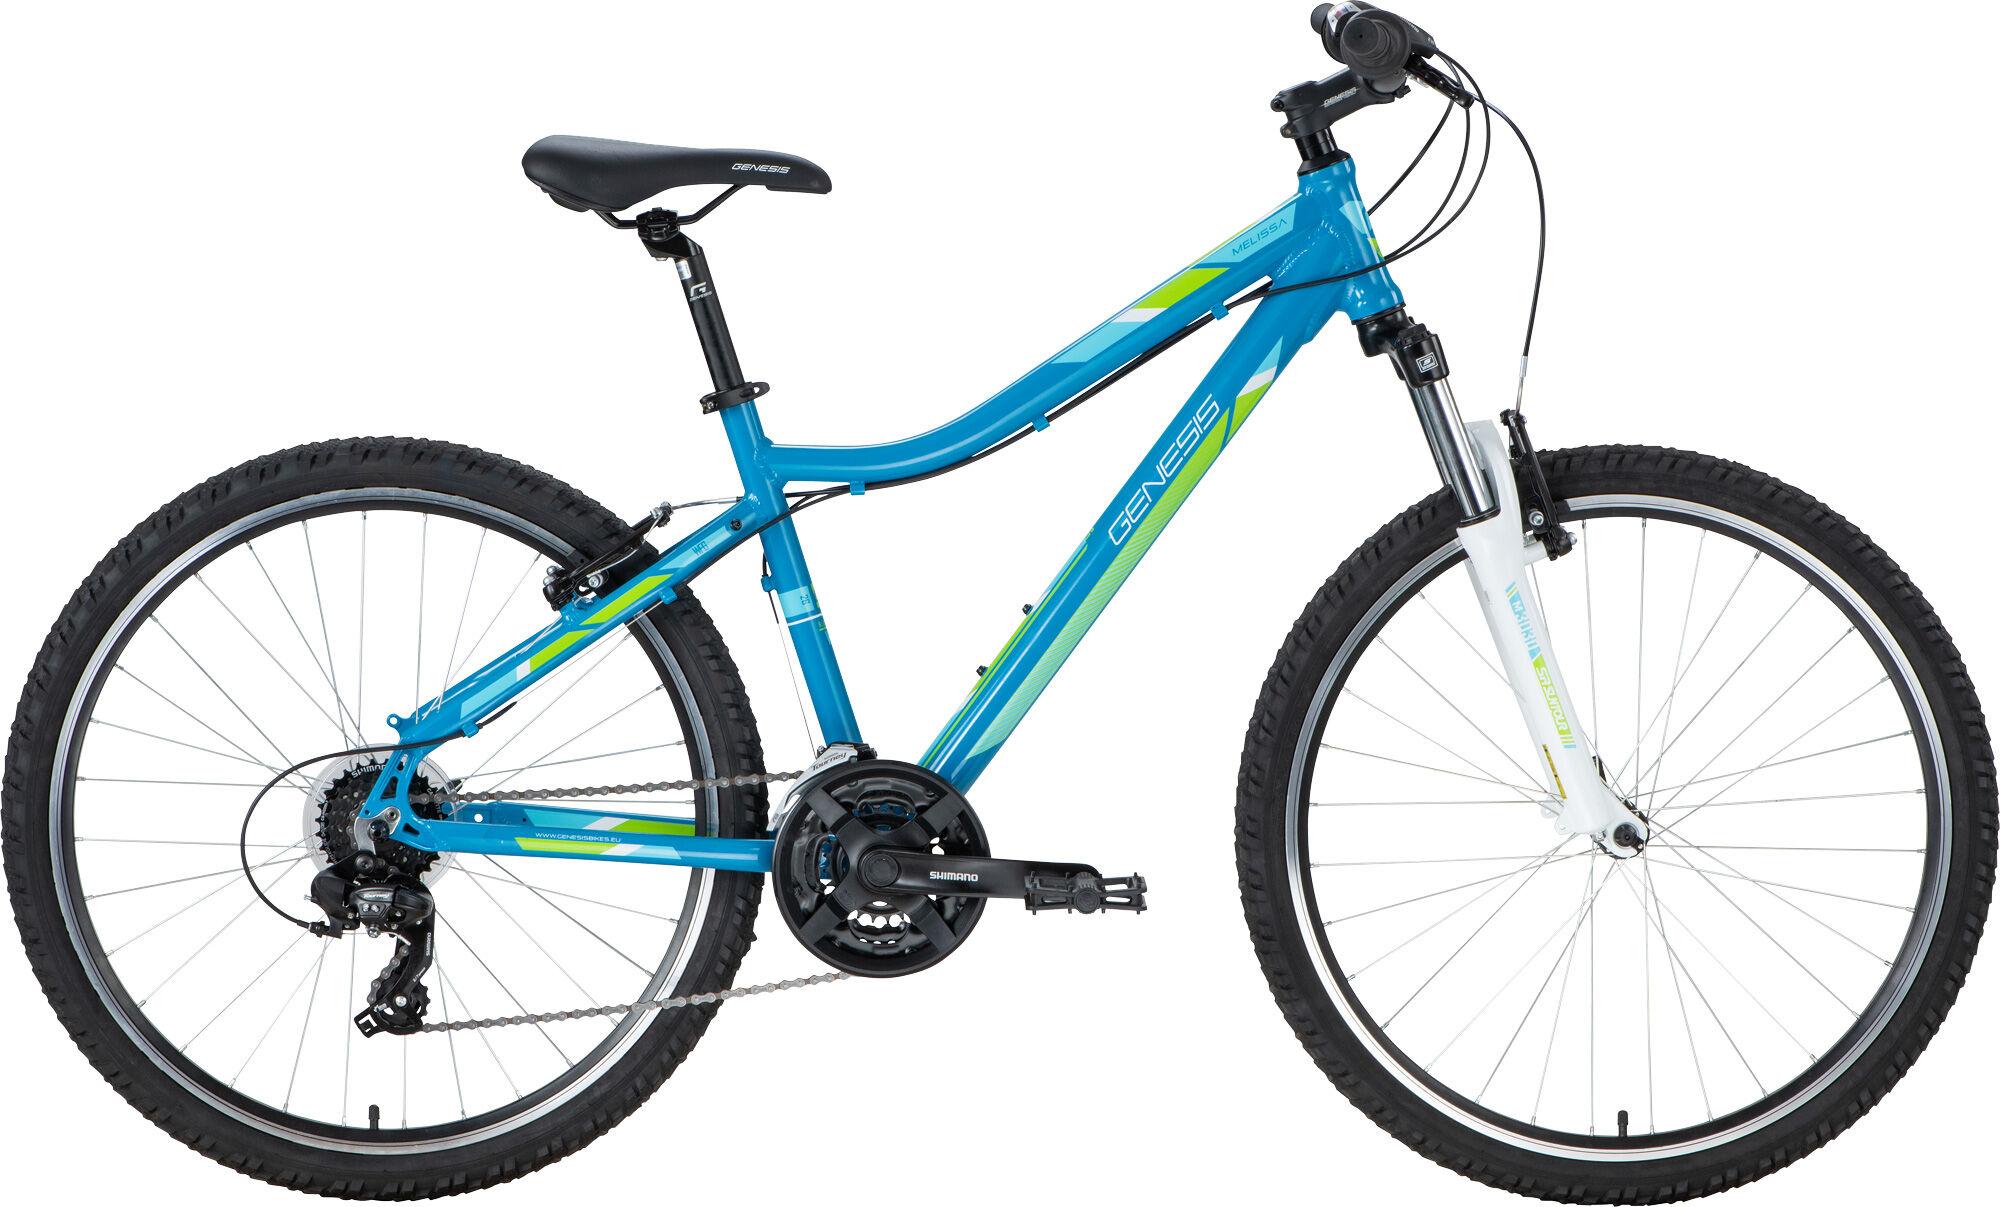 Mountainbike im Onlineshop kaufen | Jetzt bei INTERSPORT